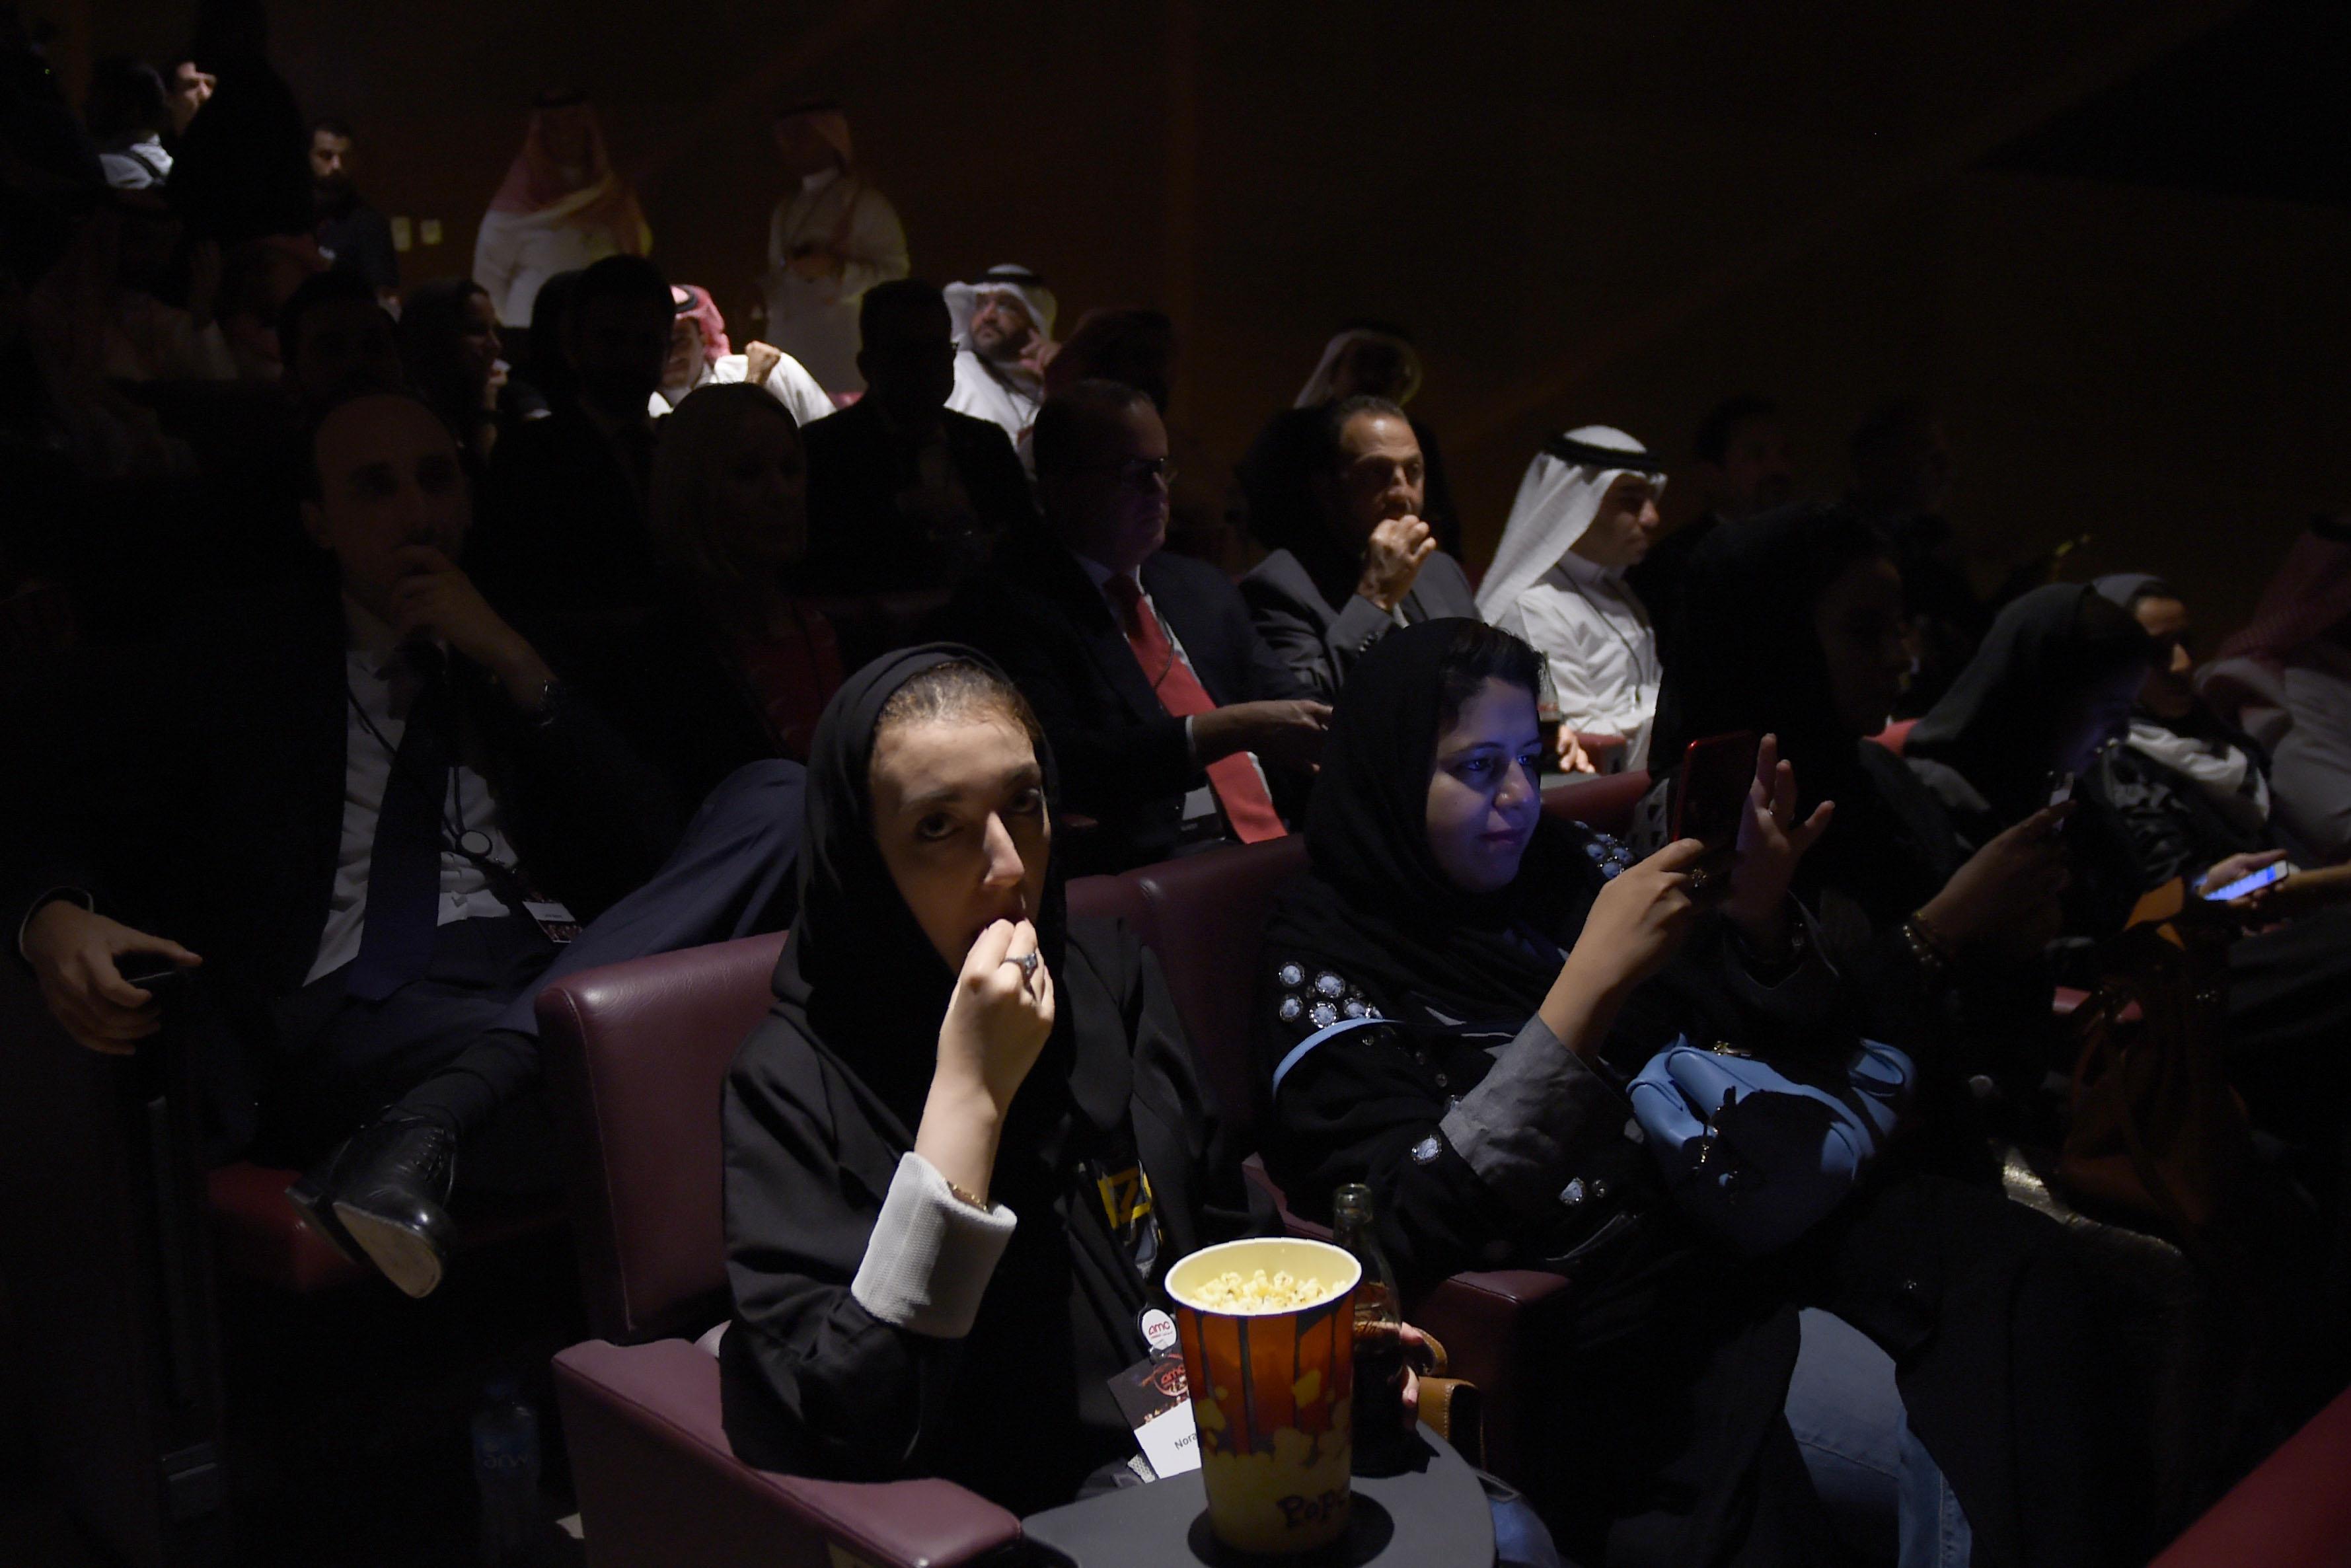 Arábia Saudita: Depois de um primeiro teste, cinemas voltam oficialmente a abrir ao público